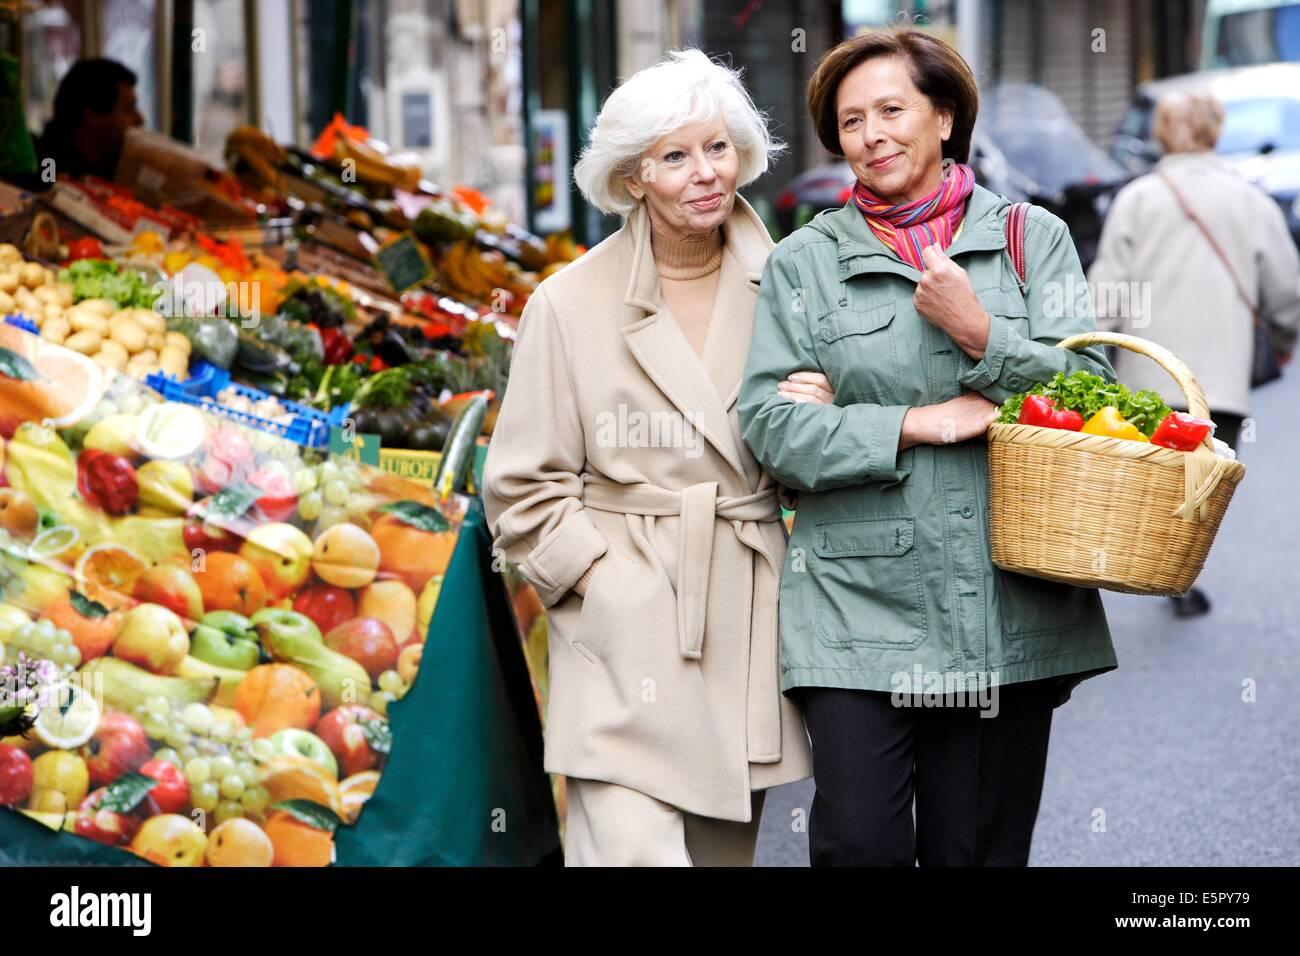 Mujer y anciana para compras de frutas. Imagen De Stock